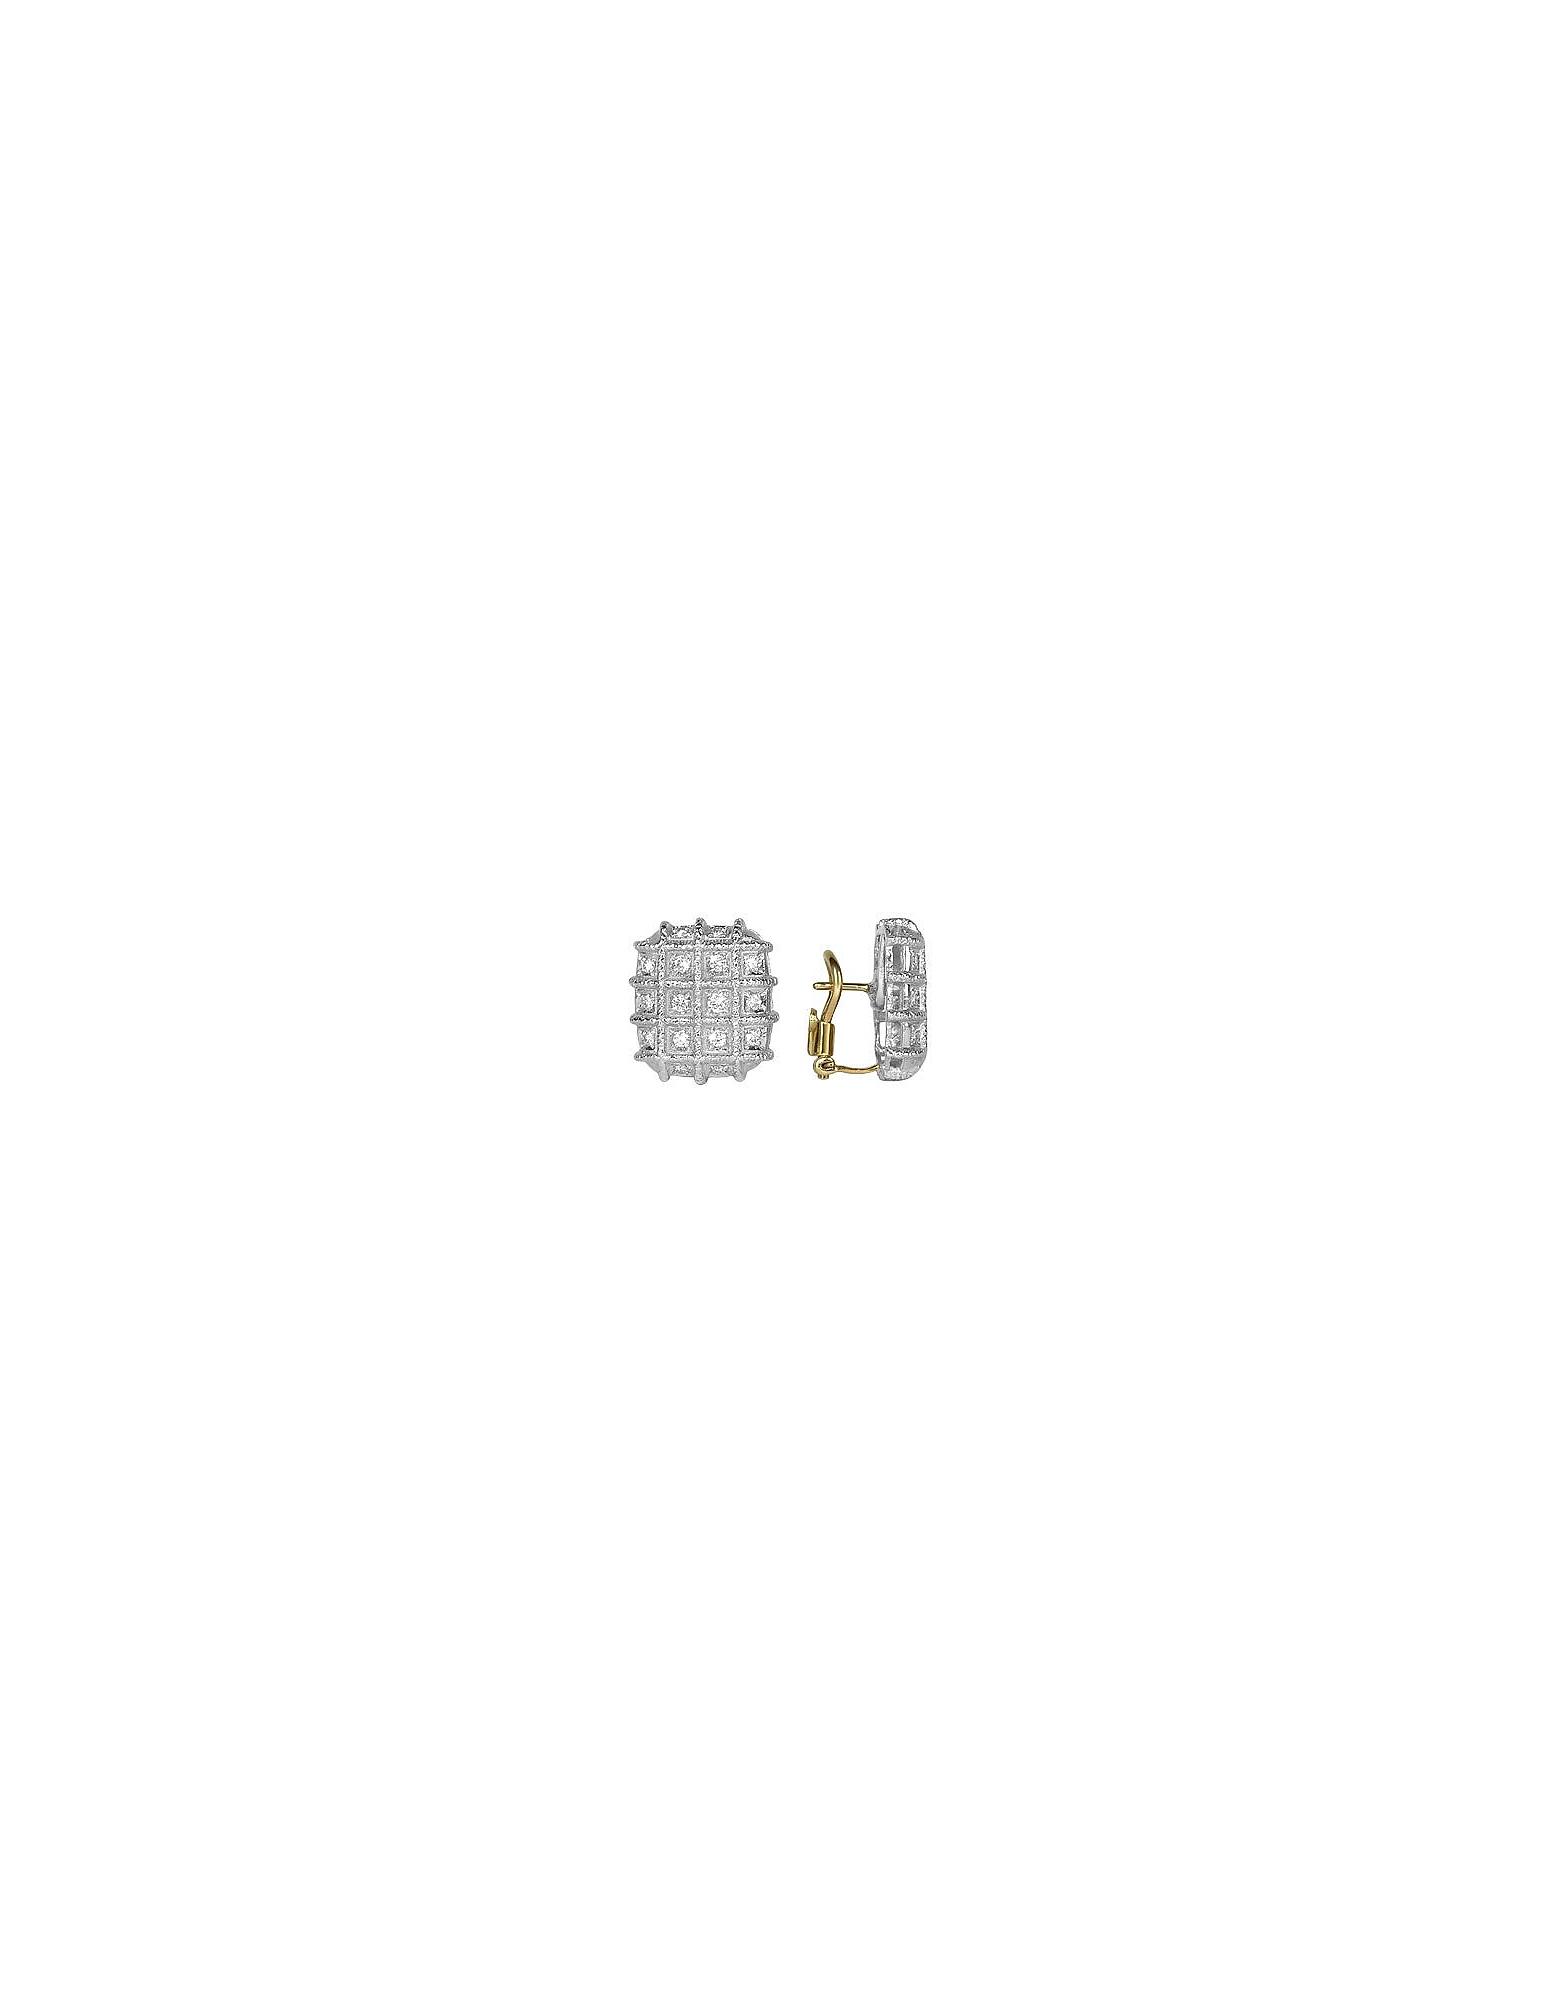 Torrini Earrings, Wallstreet Collection - 18K White Gold Diamond Earrings